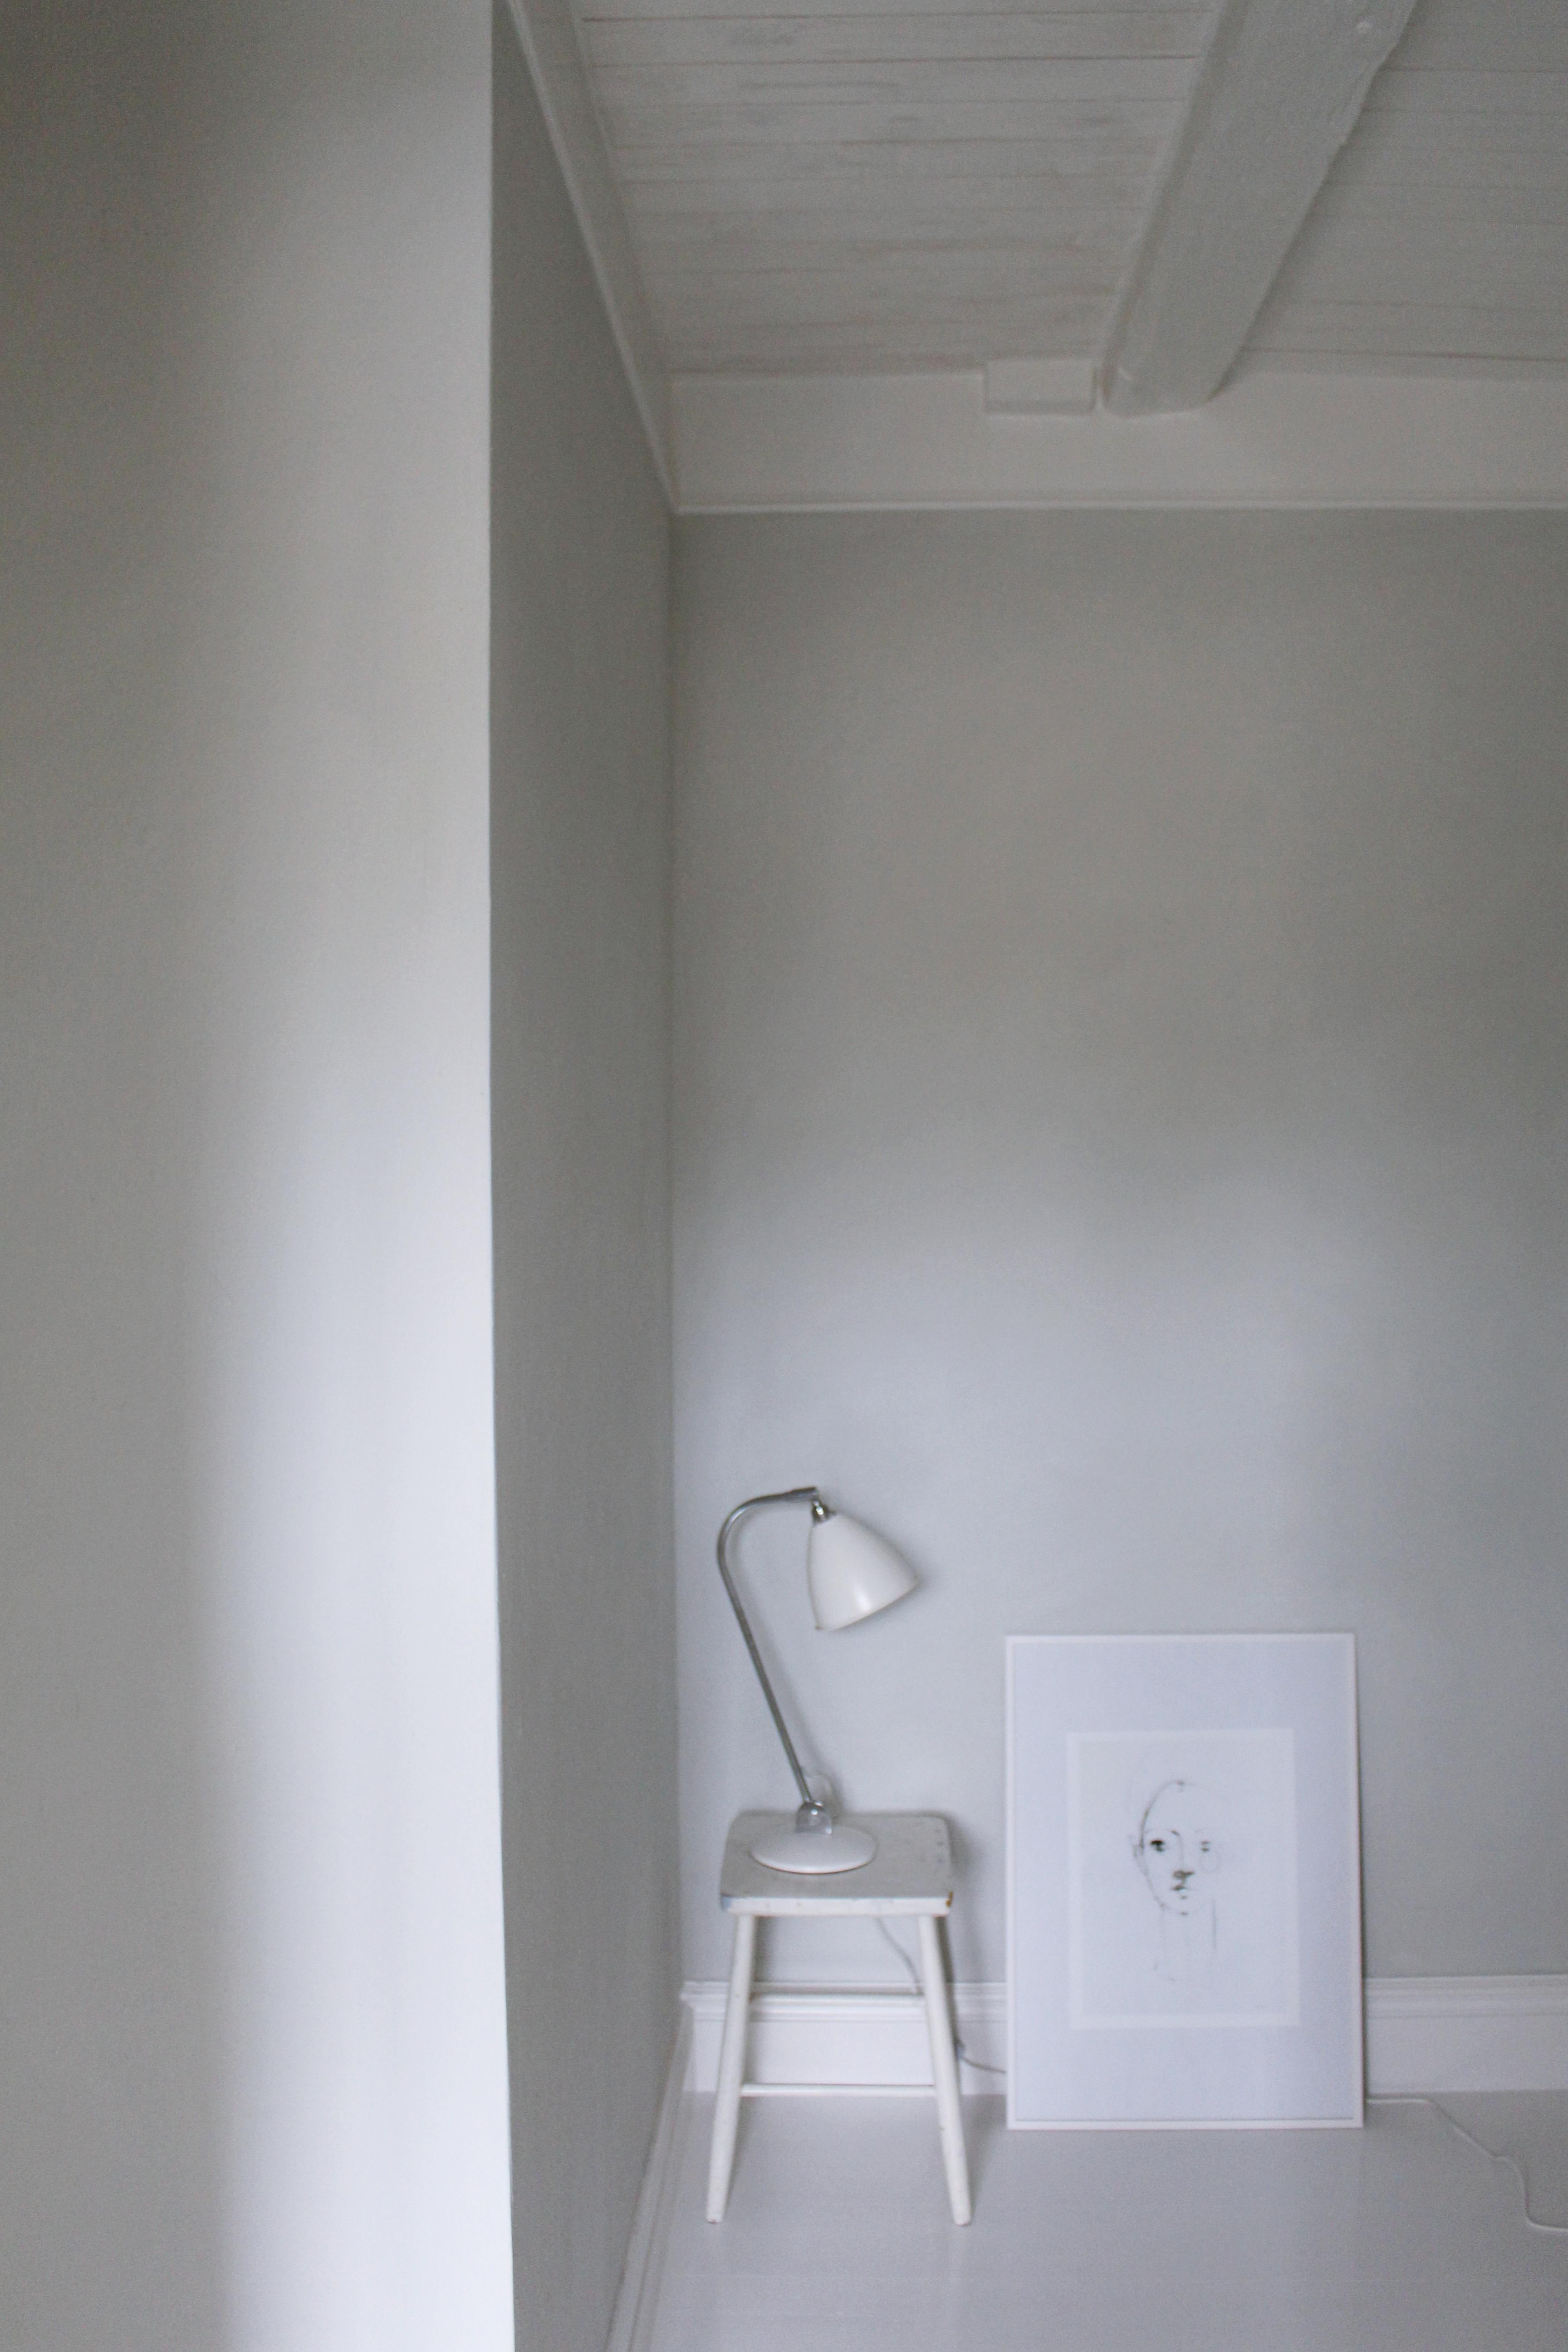 Nymålat i sovrummet och tack! - Julia K - Metro Mode